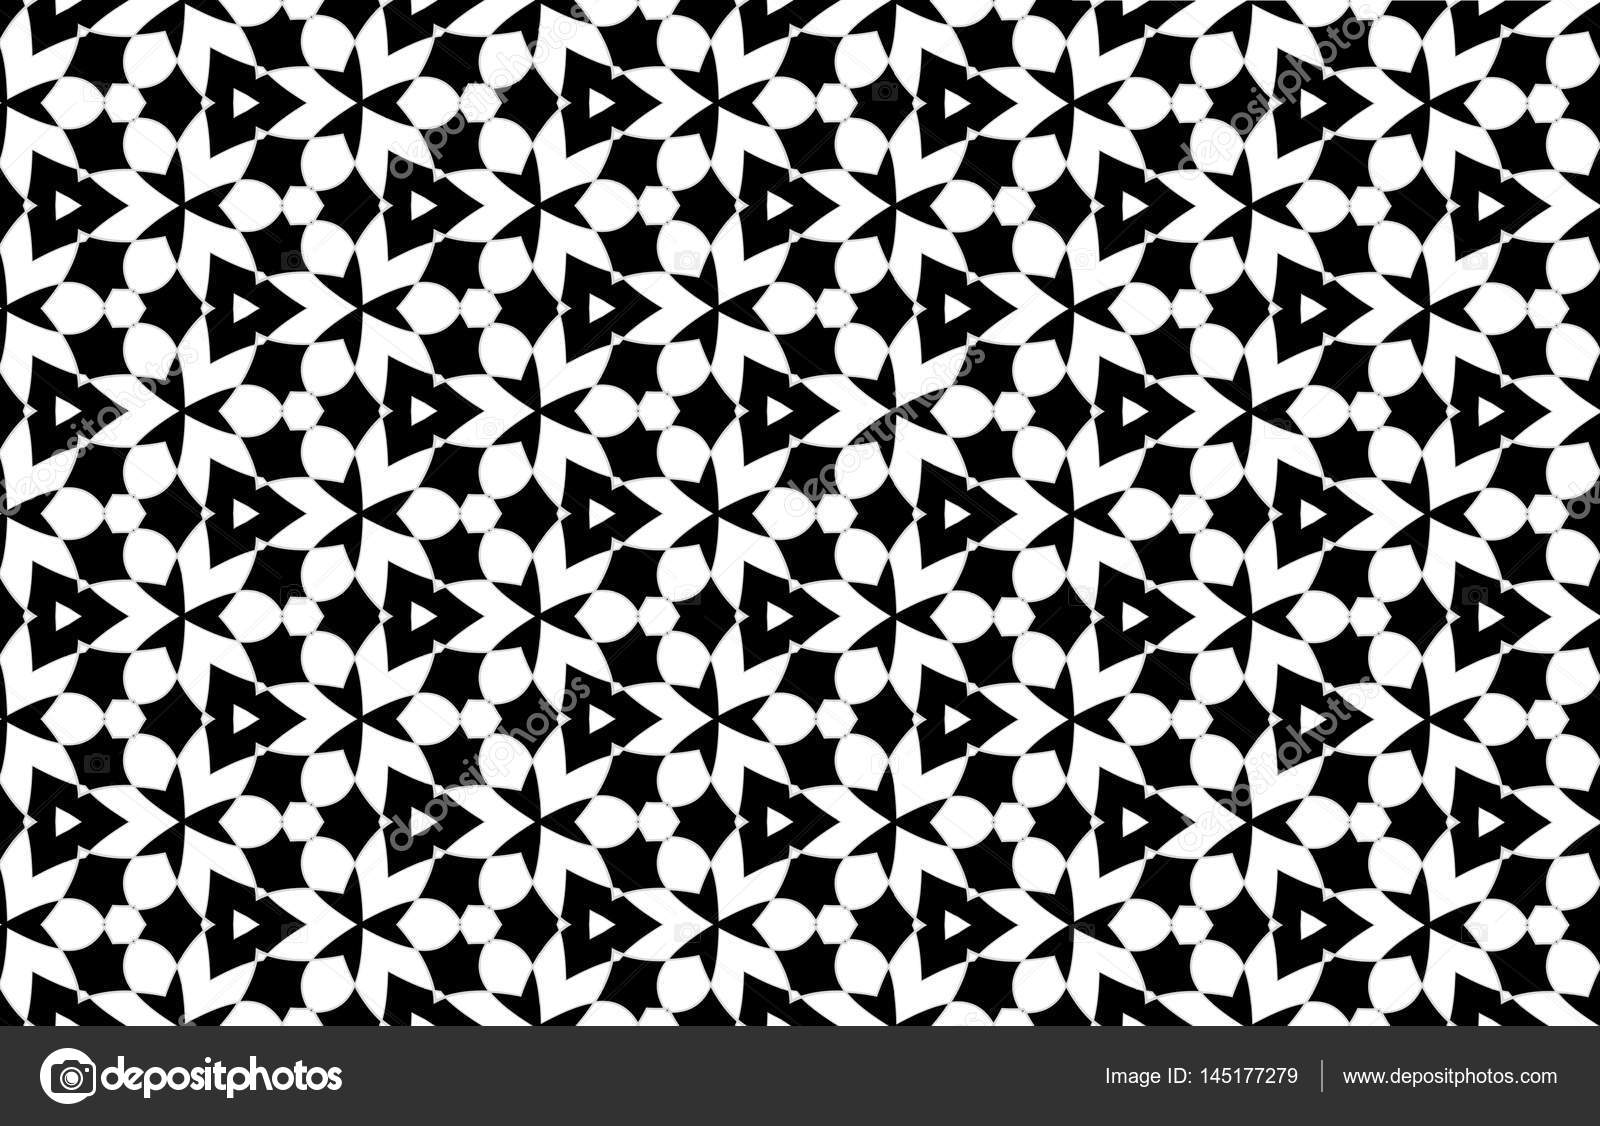 Disegno Astratto Del Reticolo Bianco E Nero Per Lo Sfondo Foto